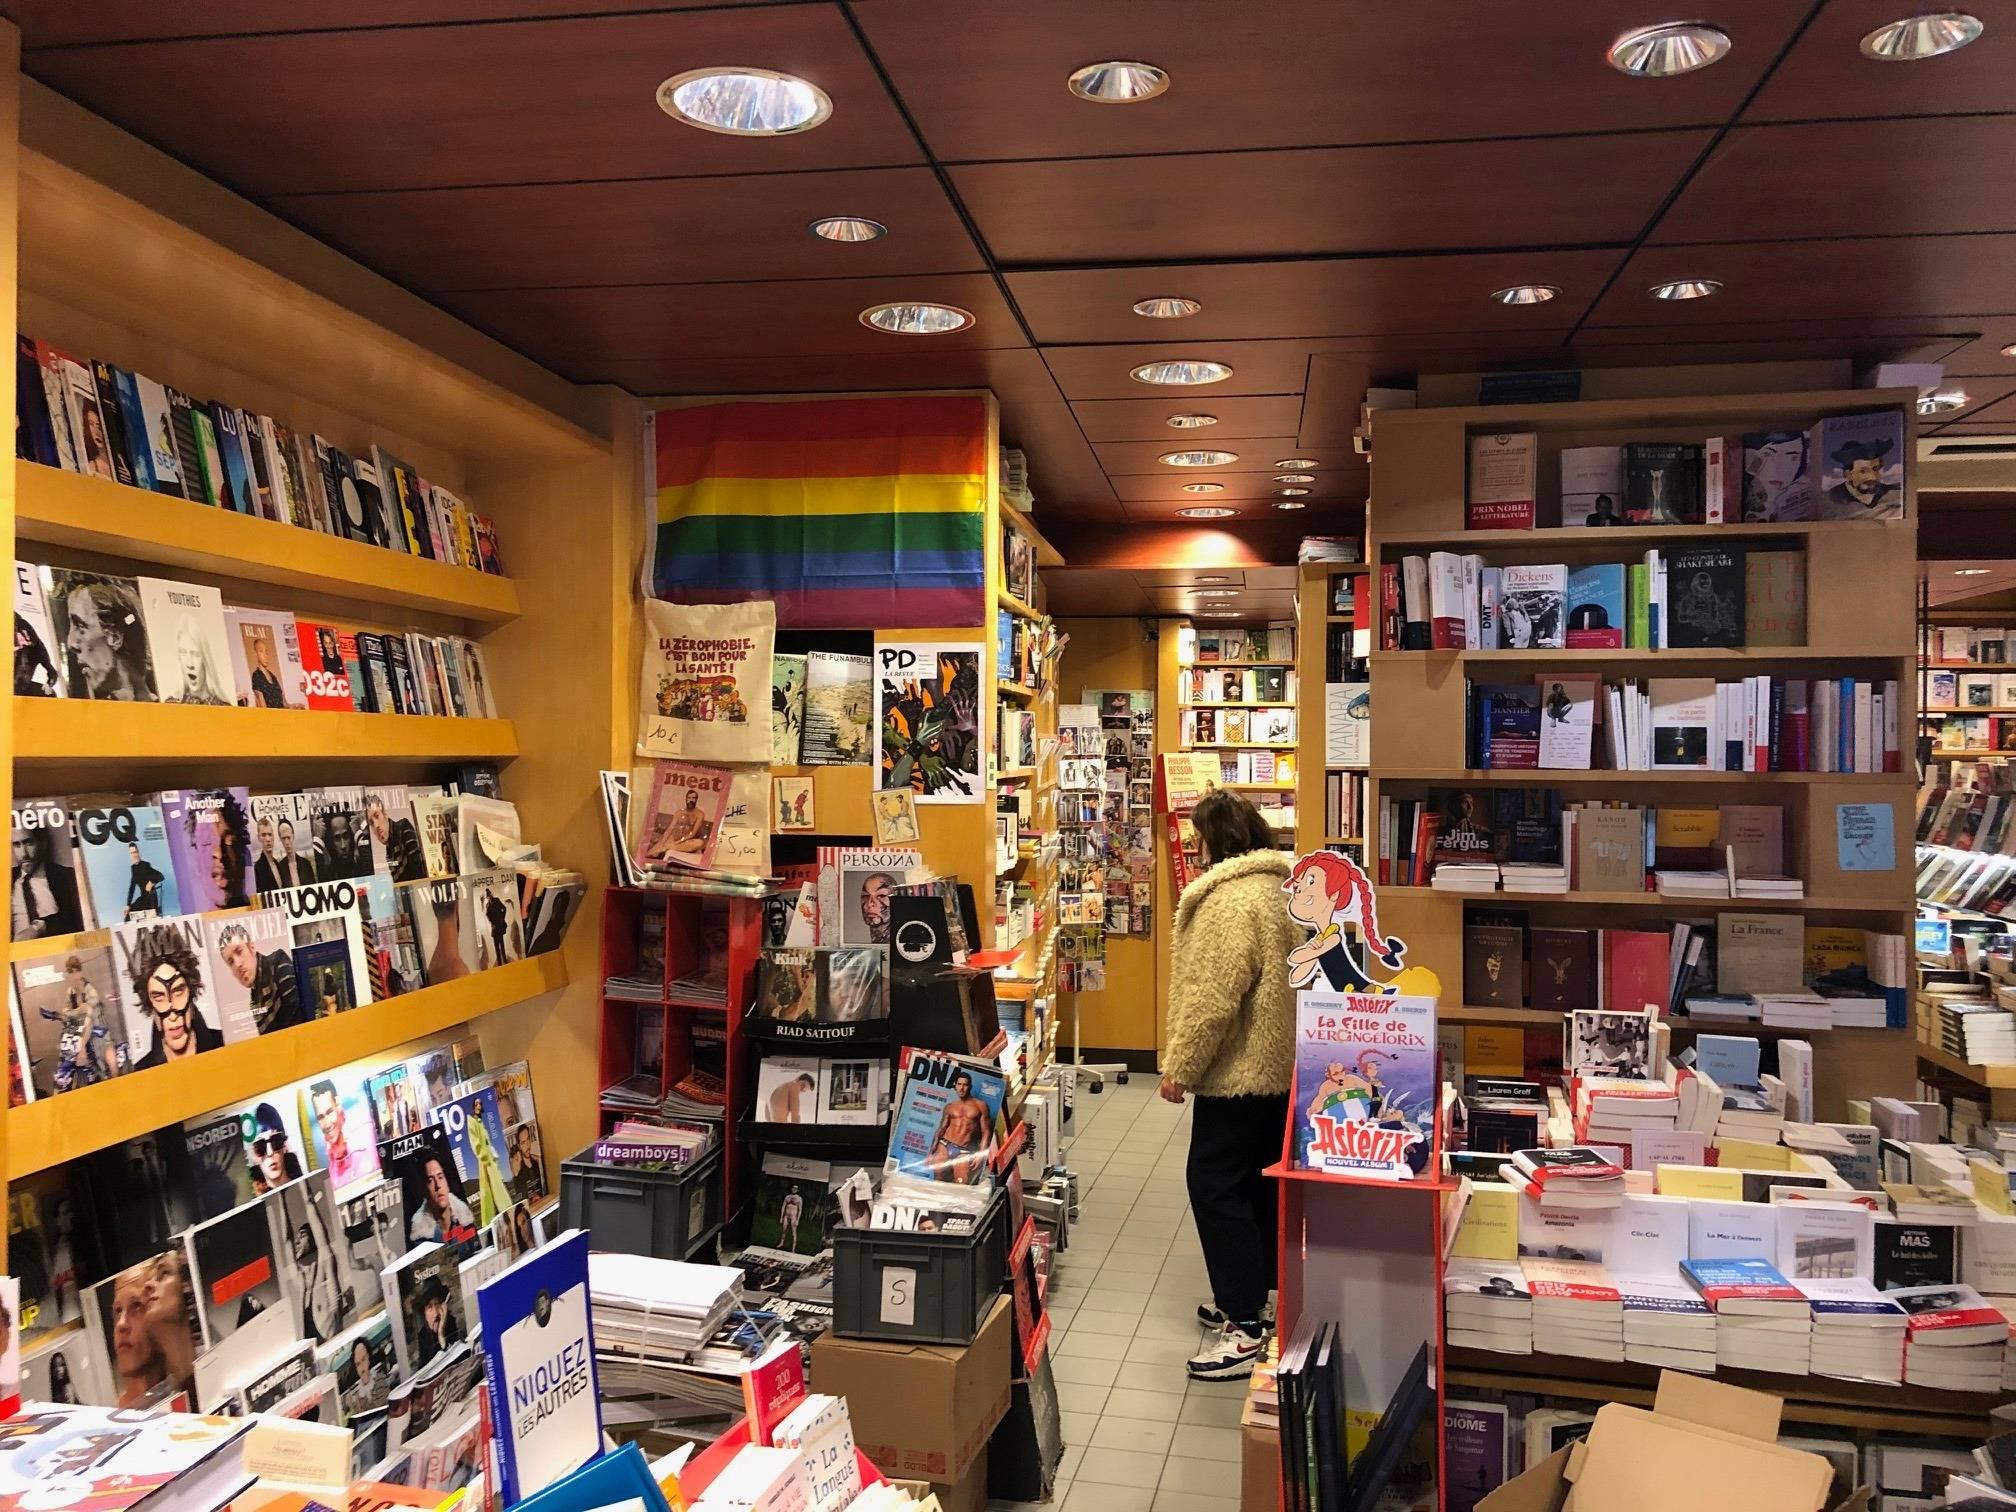 走进法国同性恋书店,我大开眼界